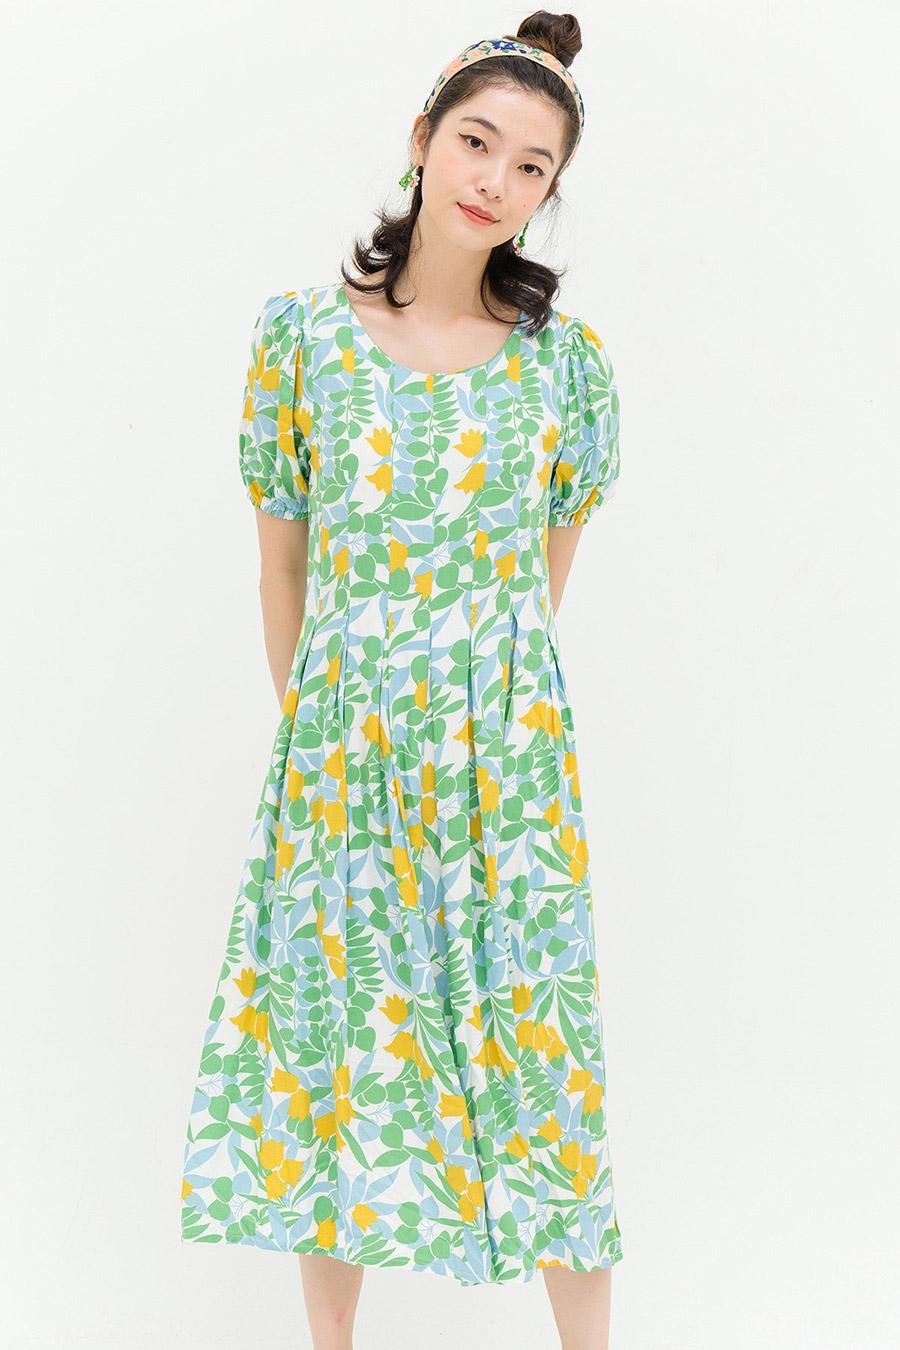 NAOMI DRESS - GARDEN FLEUR